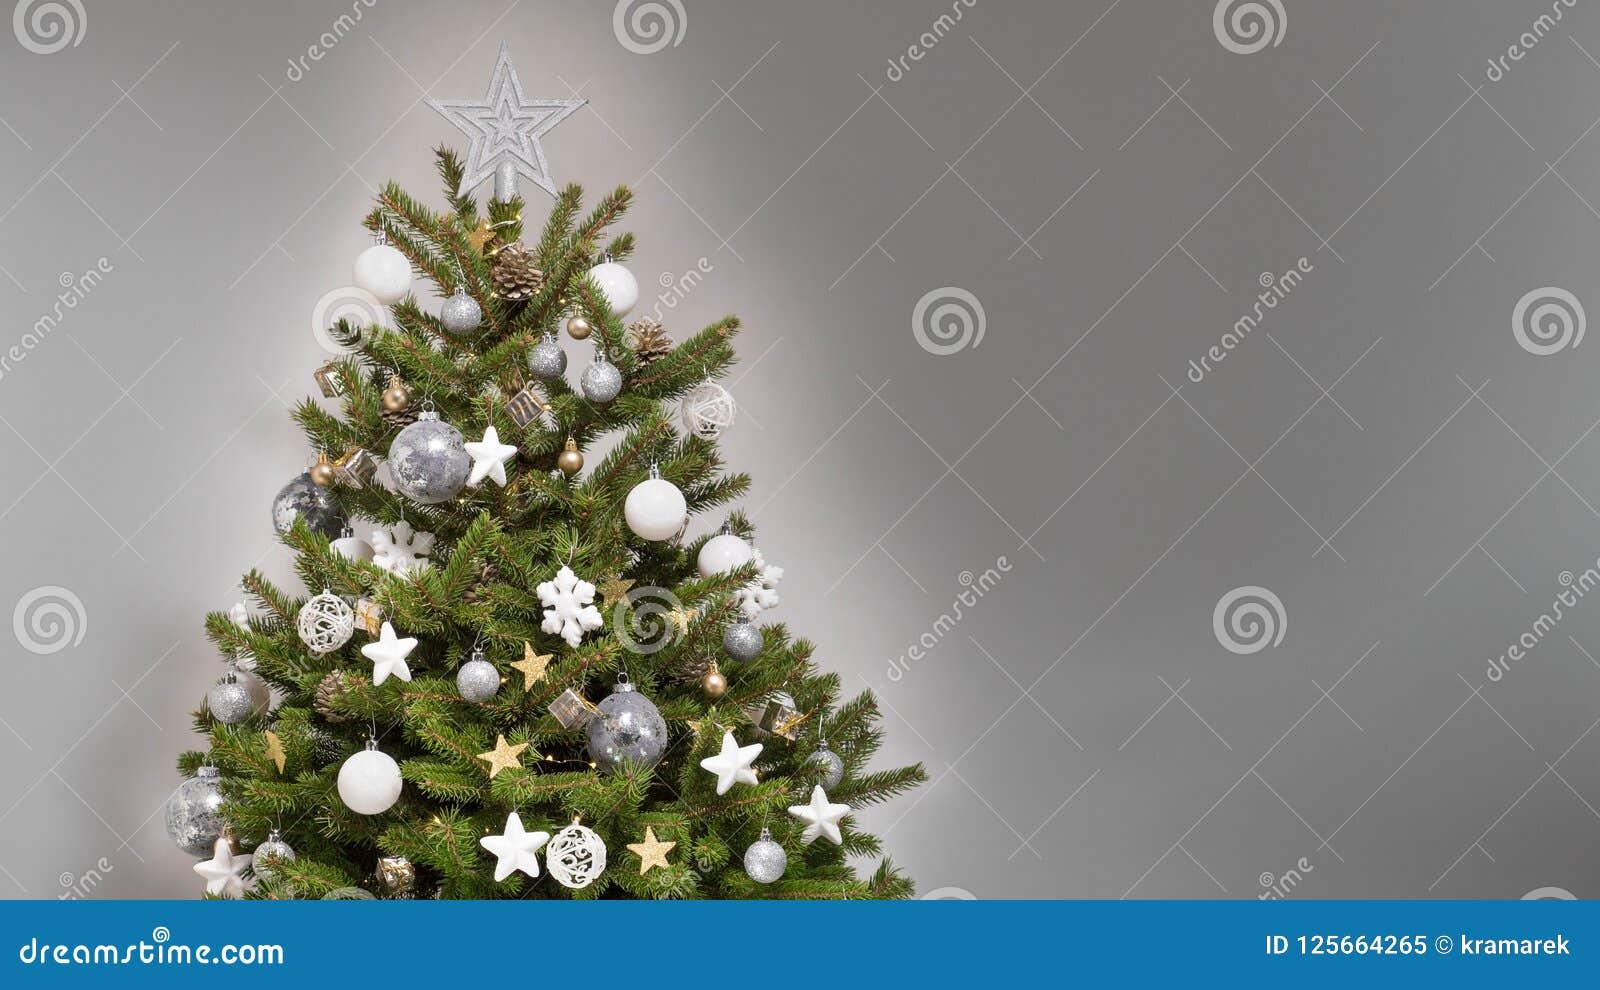 Decorazioni Natalizie Dorate.Progetti L Albero Di Natale Con Le Decorazioni D Argento E